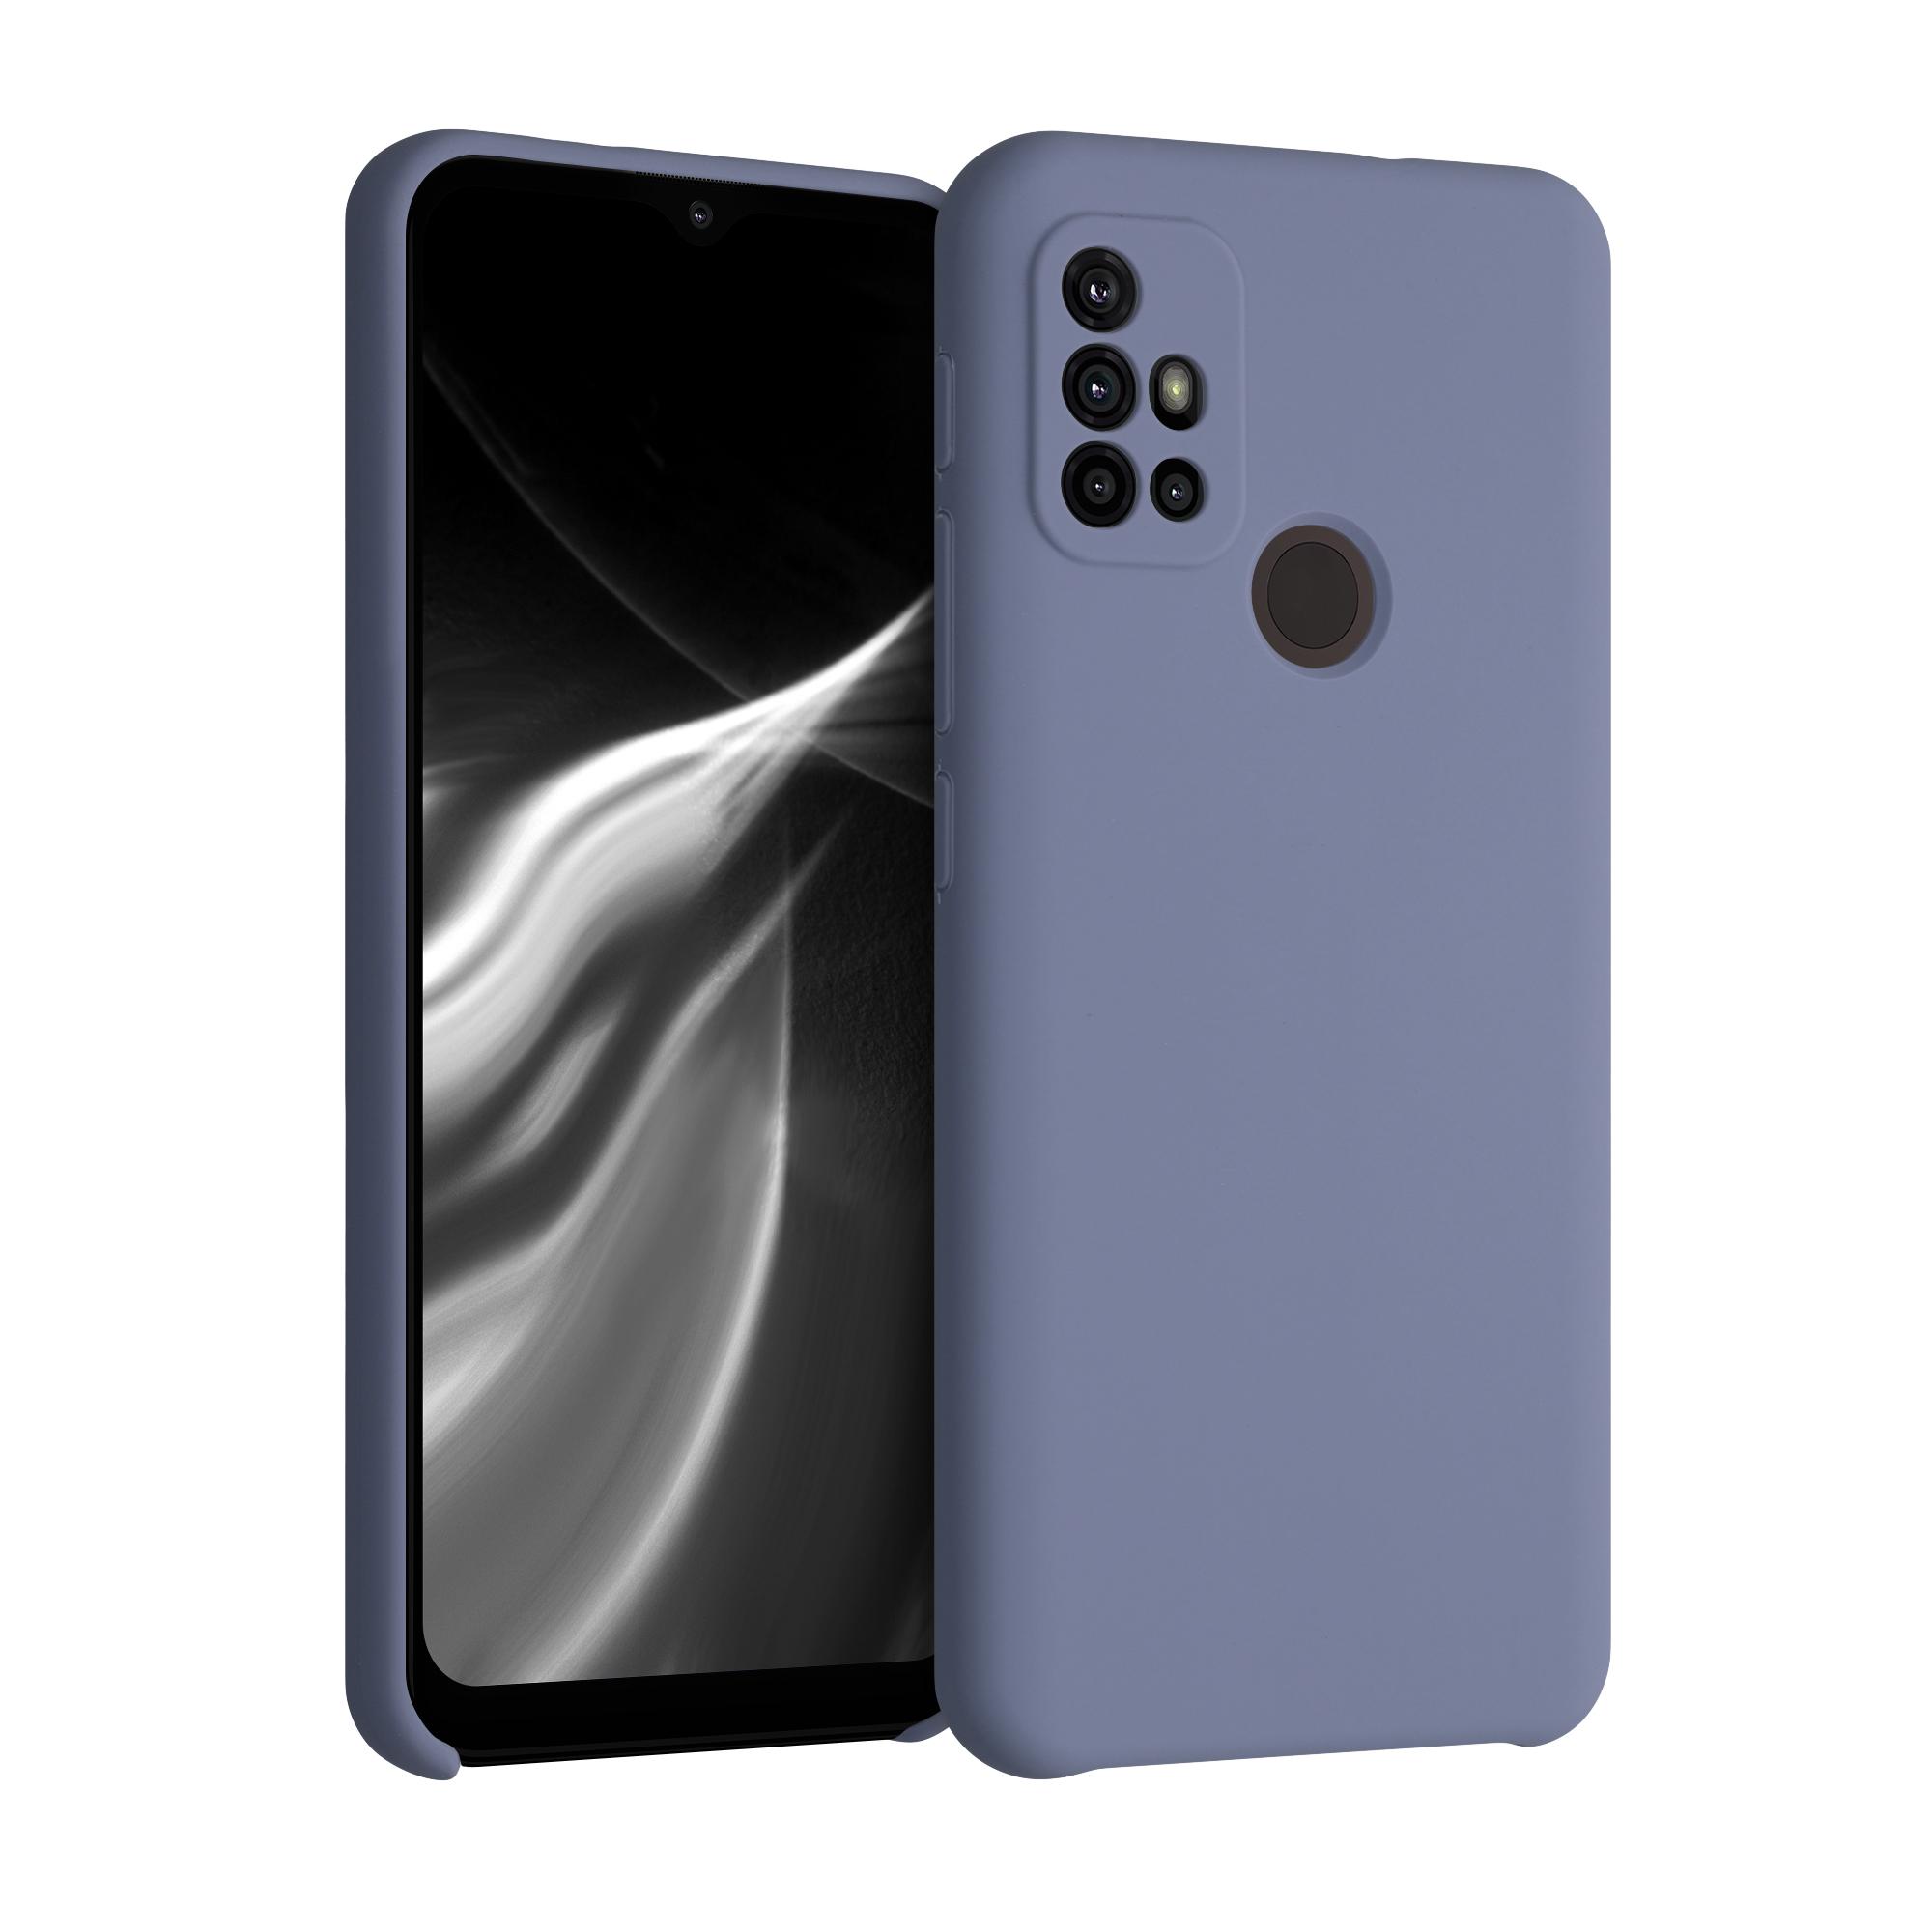 Kvalitní silikonové TPU pouzdro | obal pro Motorola Moto G30 / Moto G20 / Moto G10 - Levandulově šedá